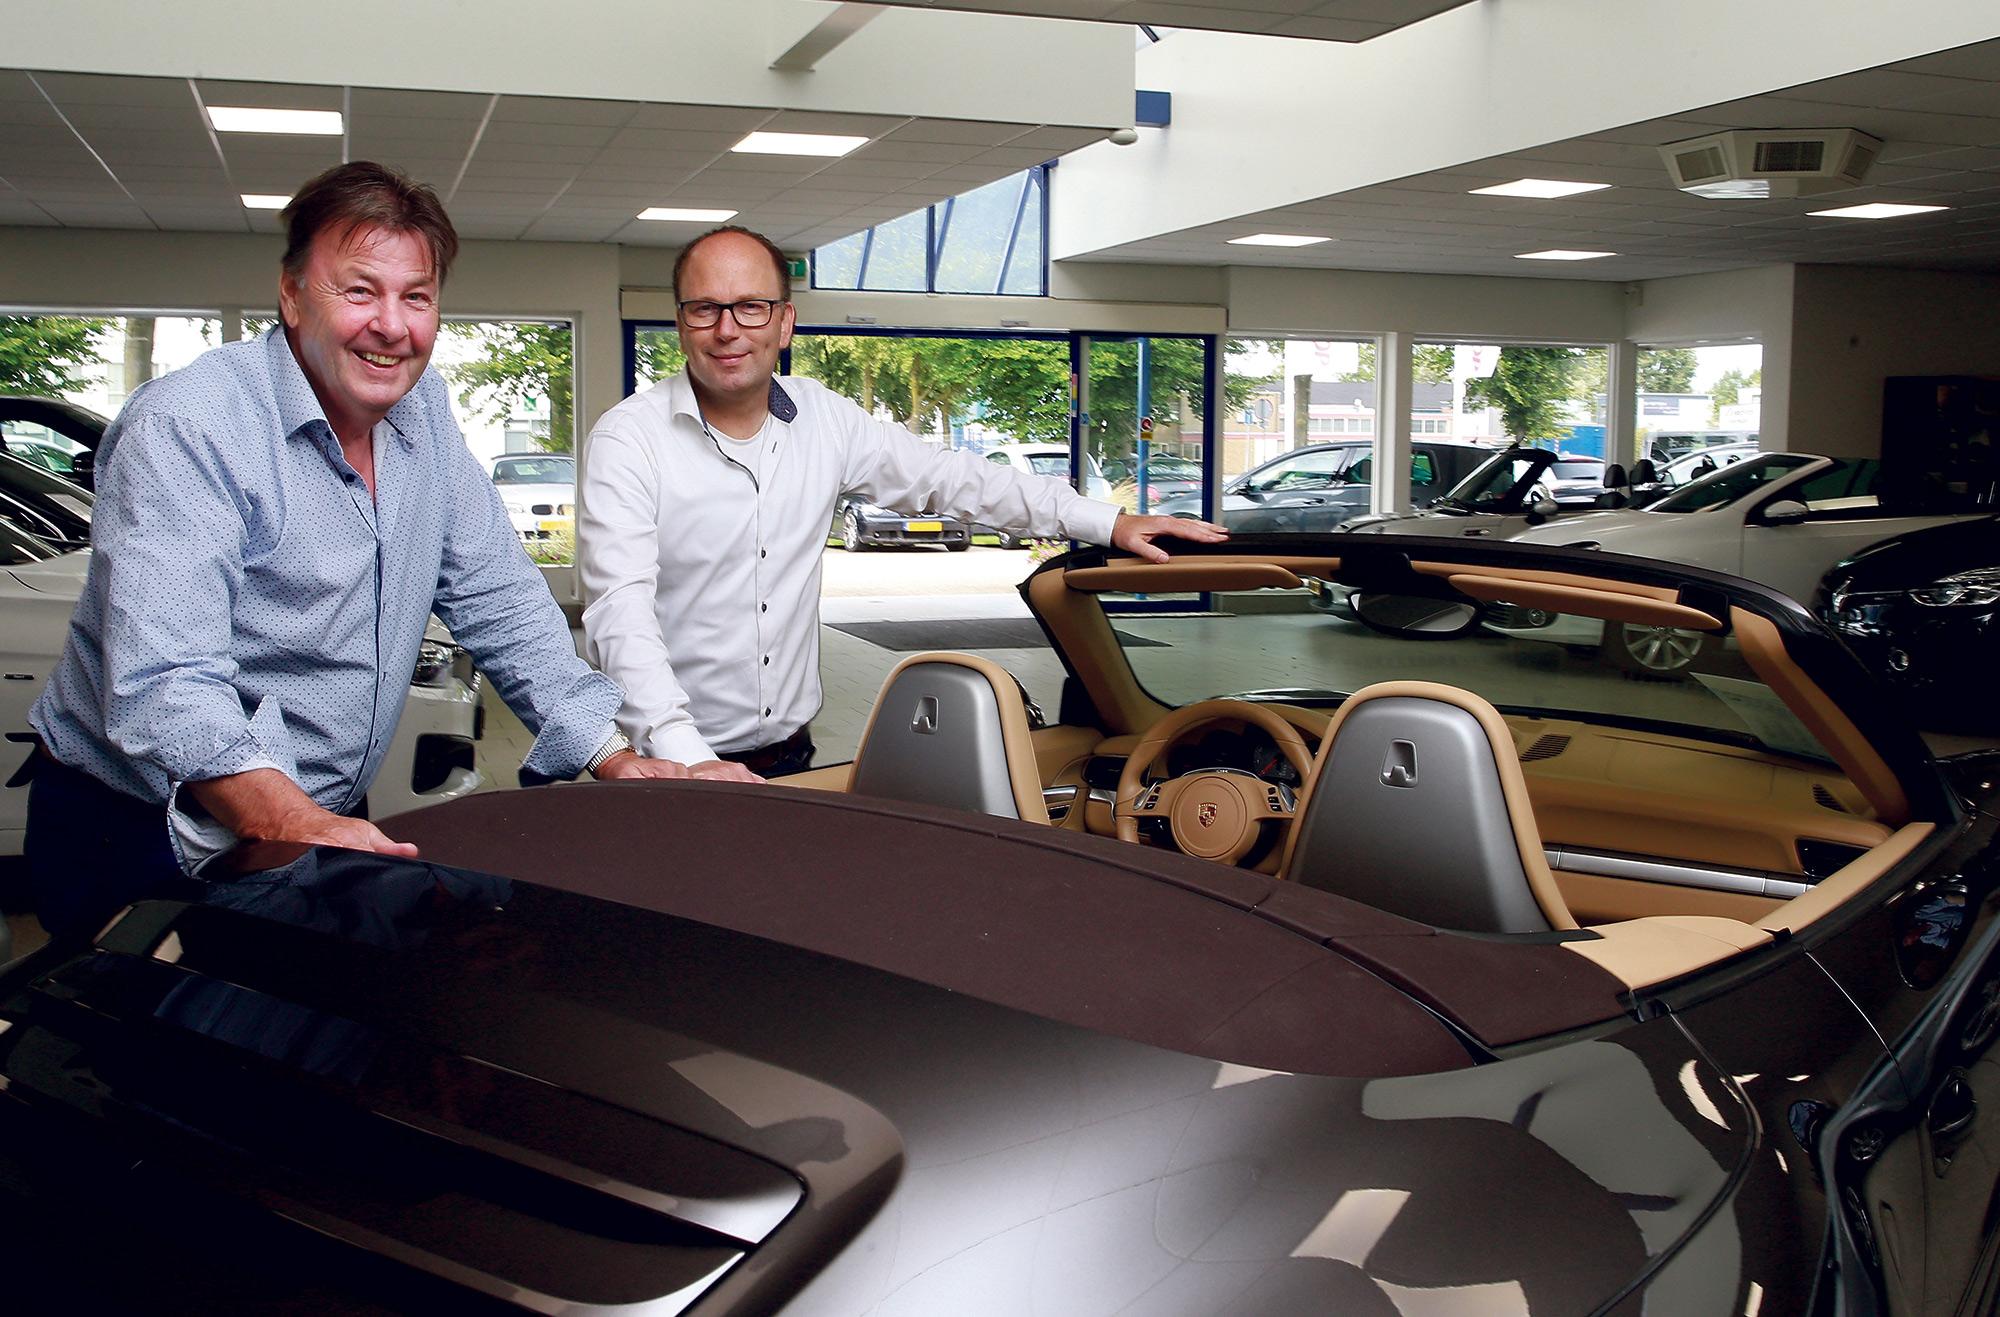 Hans Dekker Automobielen: 'Laagdrempelig,betrokken en persoonlijk'